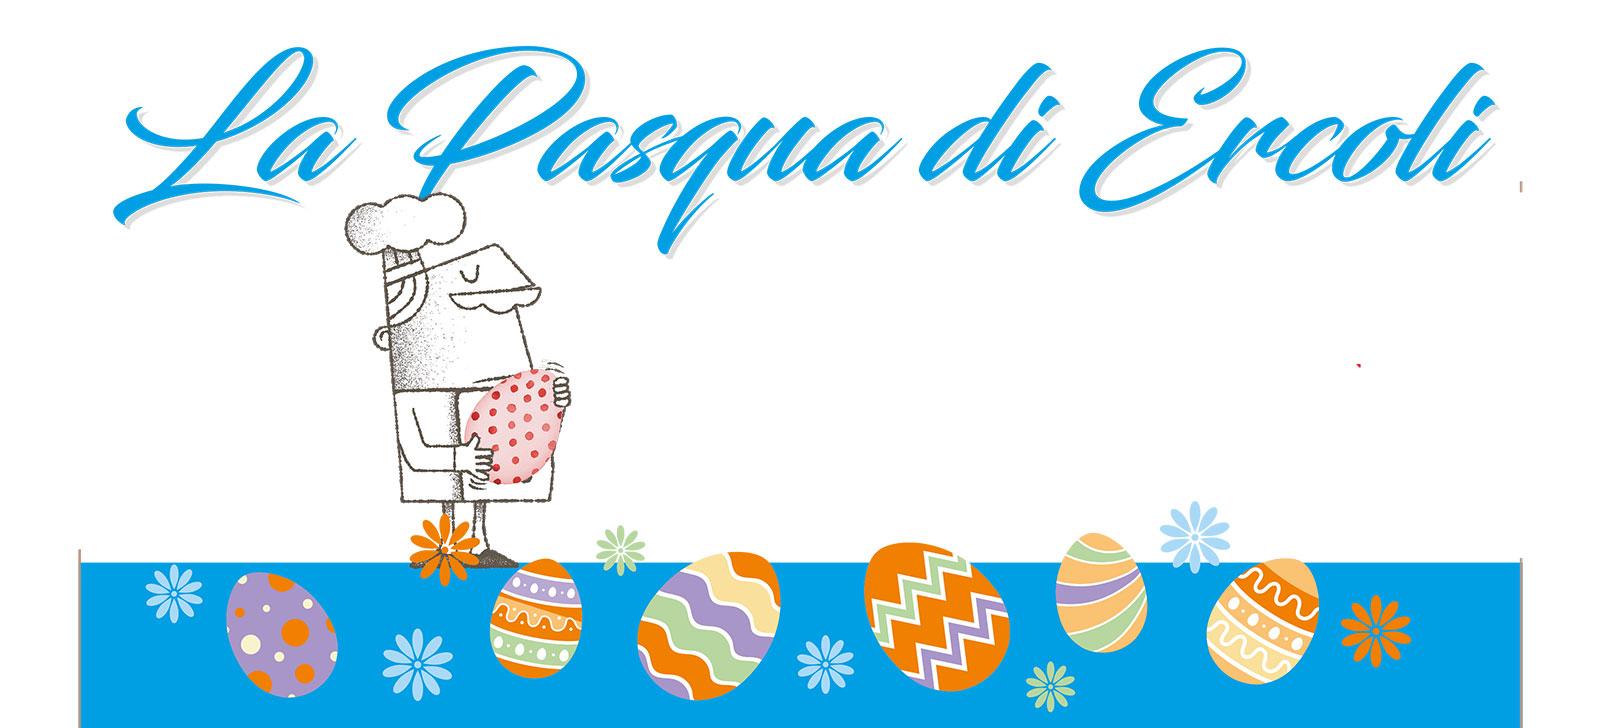 locandina Pasqua di Ercoli